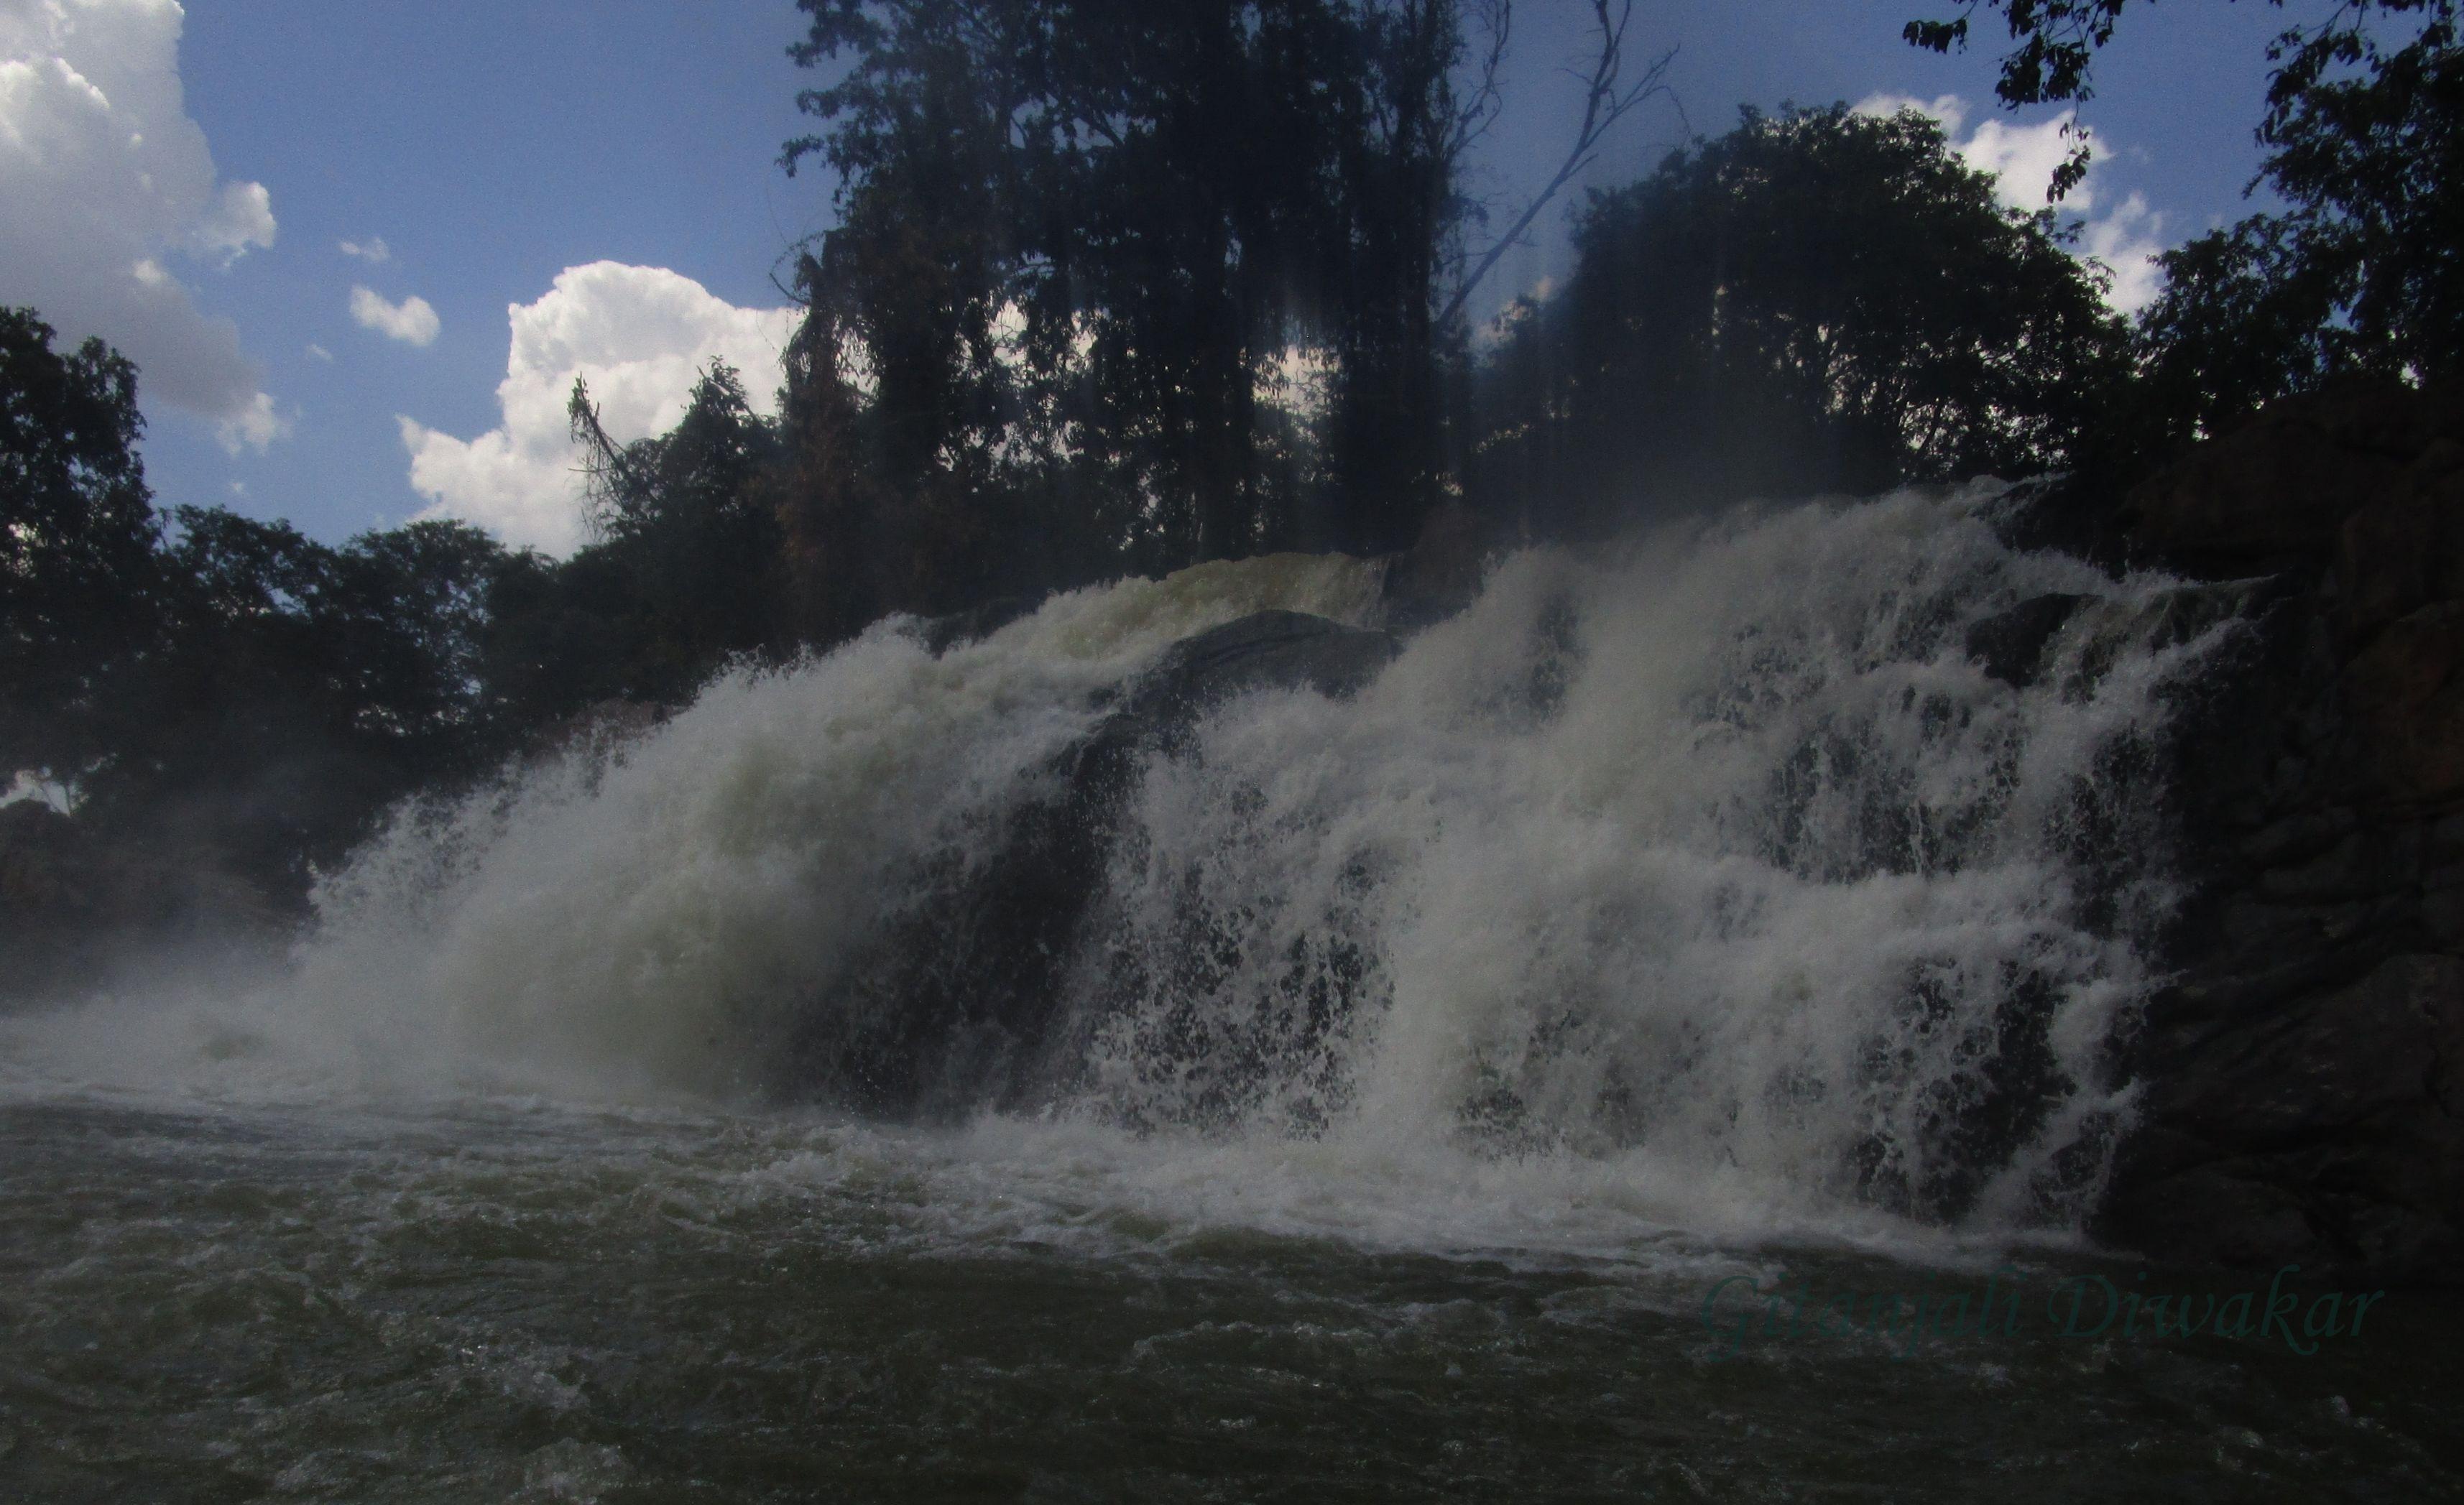 The Hogenakkal Waterfalls is situated in Tamil Nadu's Dharmapuri district